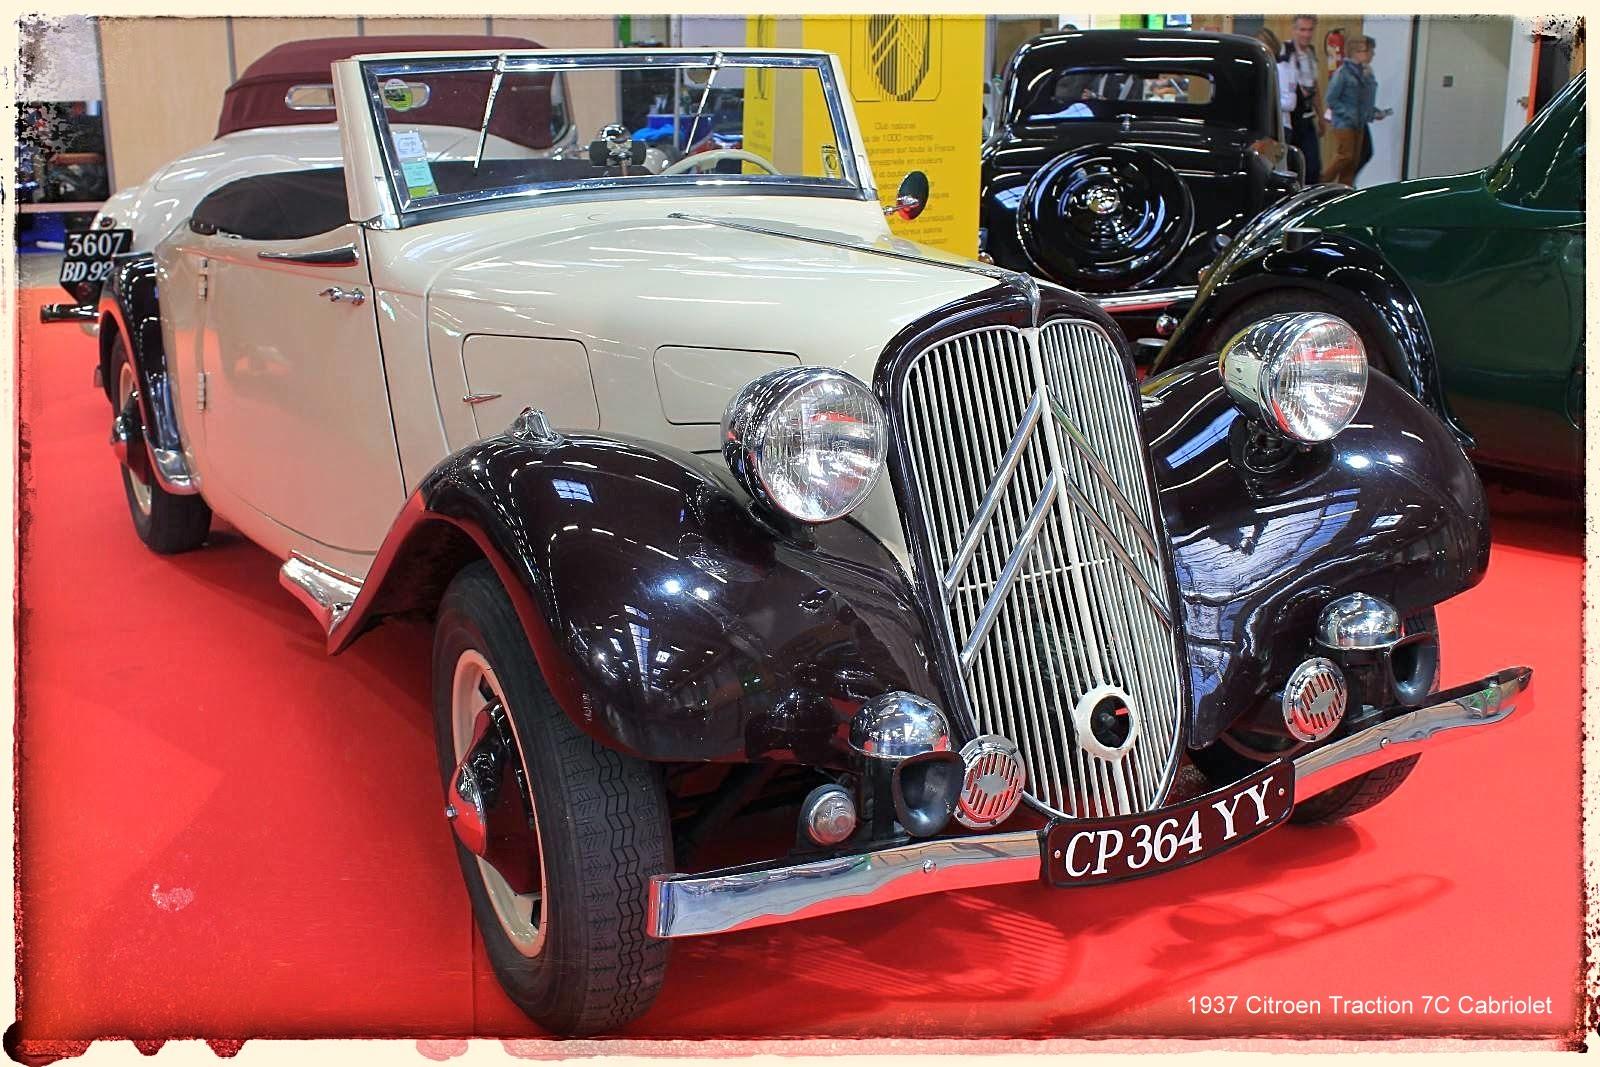 Automédon - 1937 Citroen Traction 7C Cabriolet